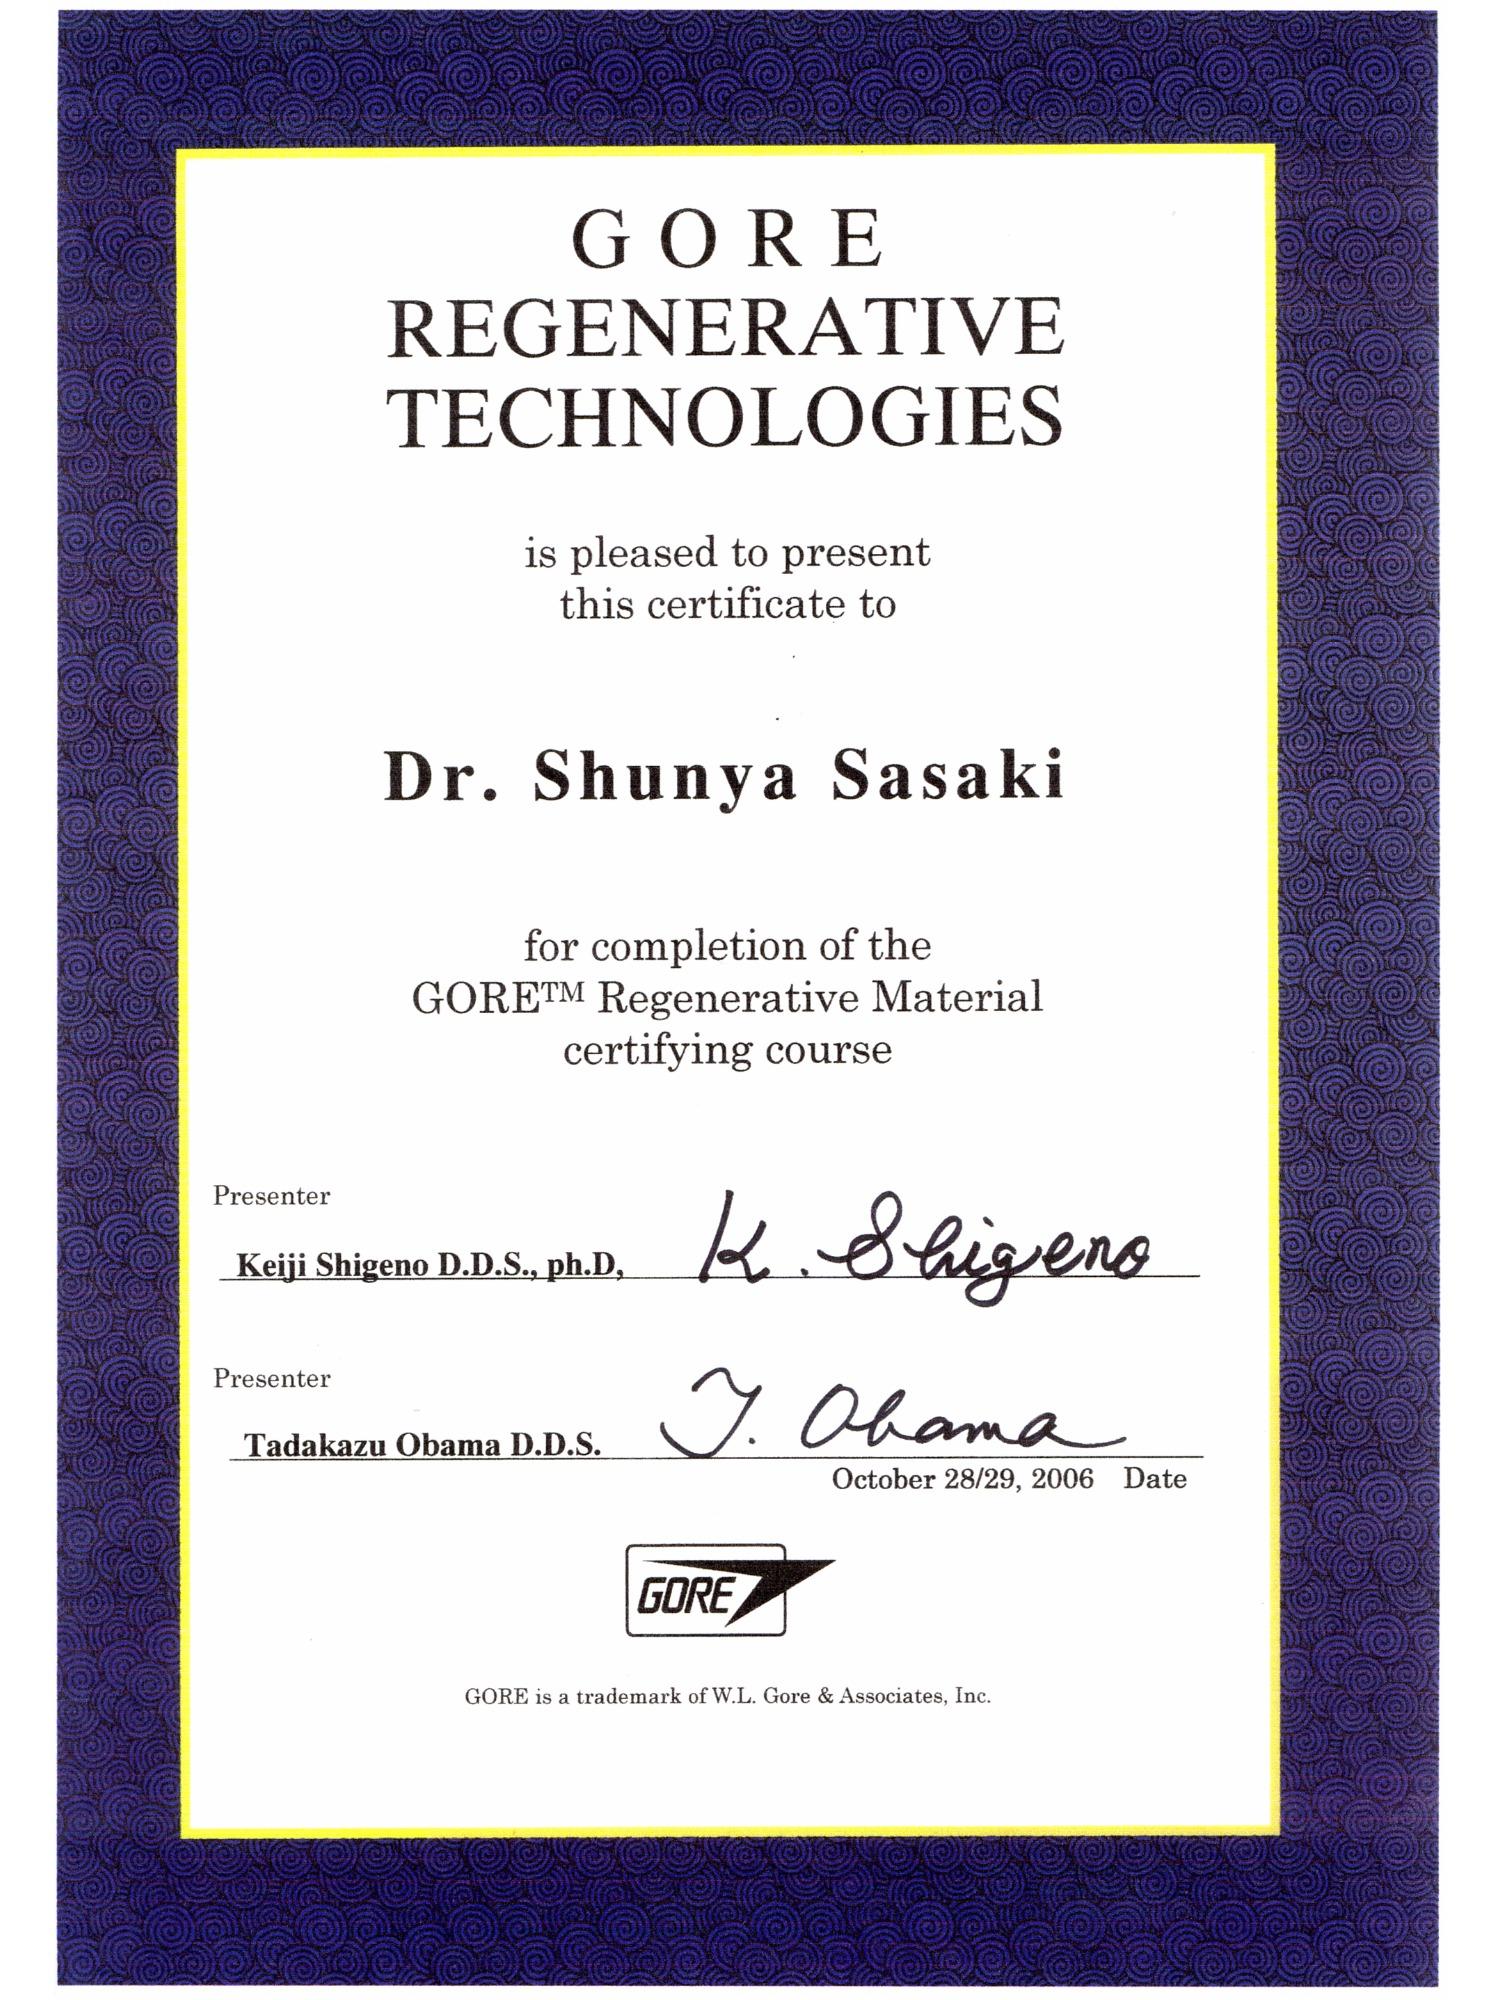 ゴア 再生医療の証明書